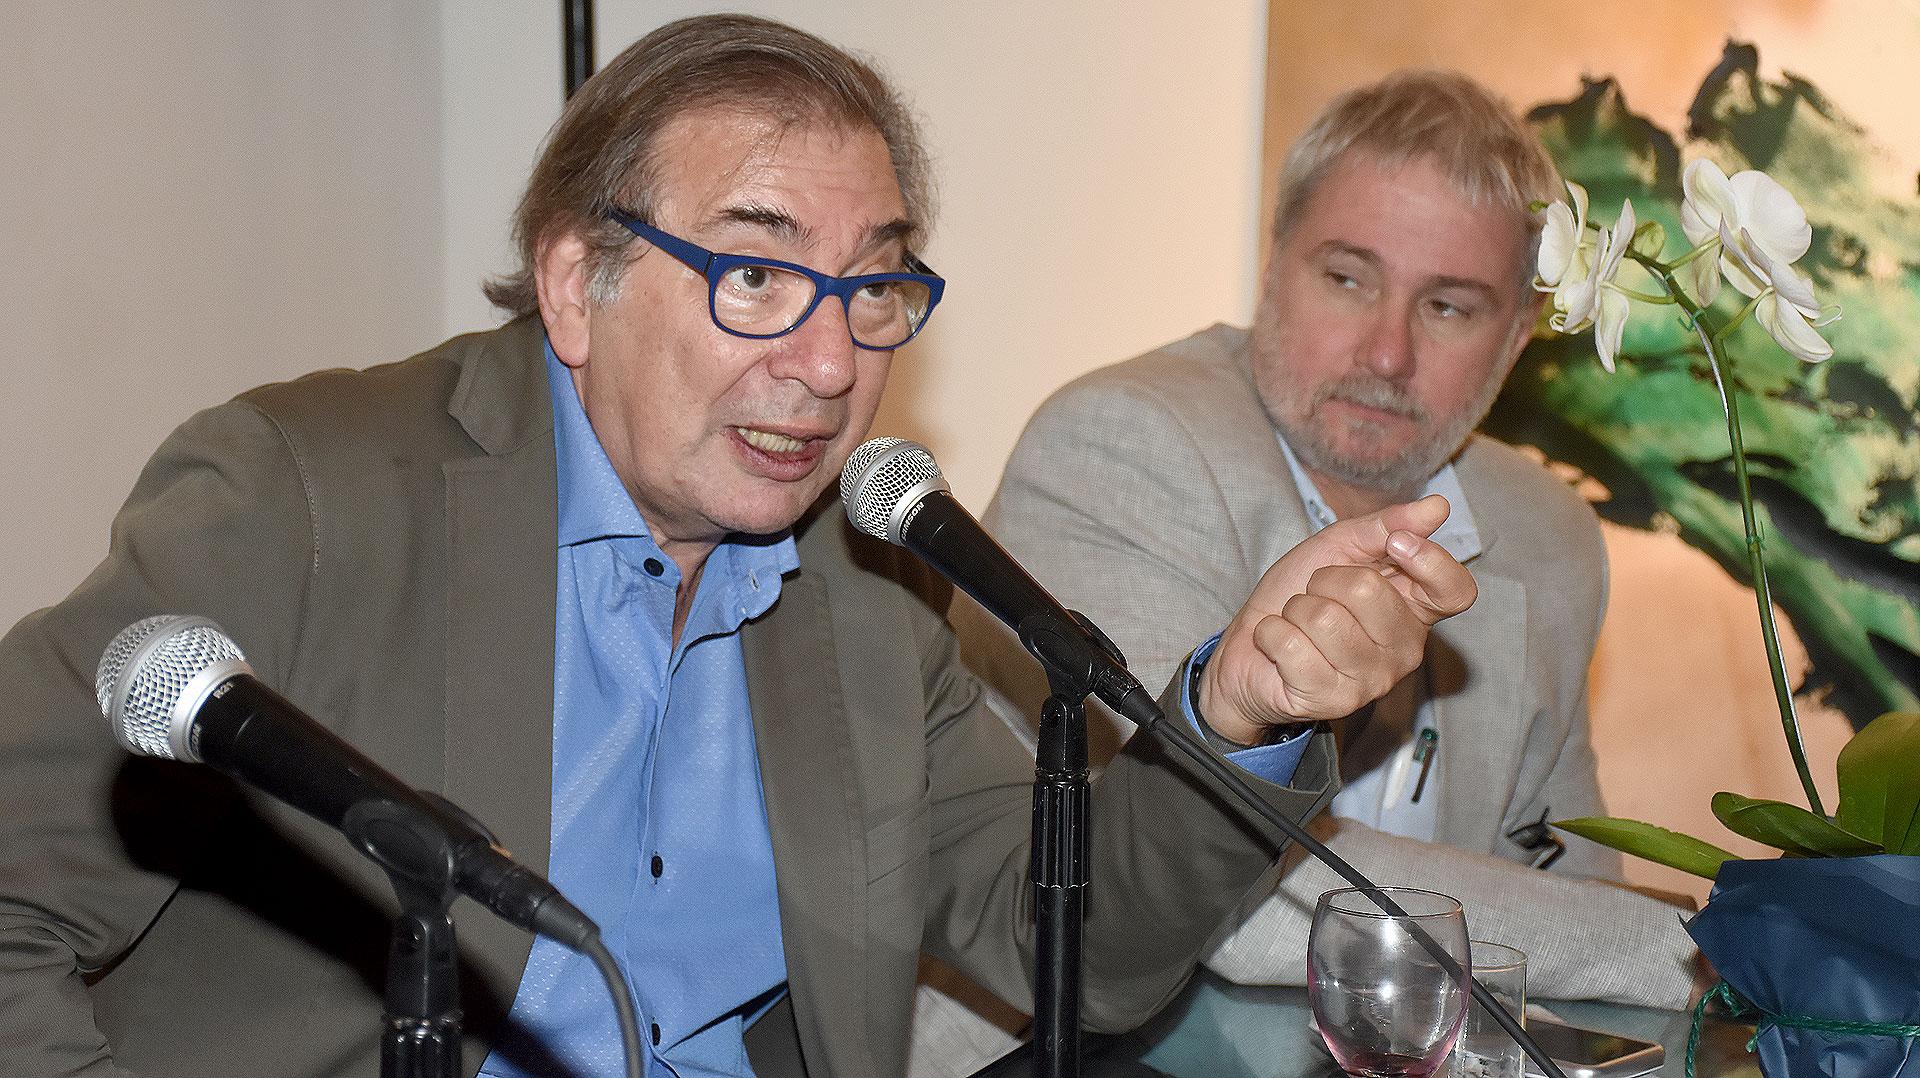 El periodista Gabriel Levinas durante la presentación de su nuevo libro, que se llevó a cabo en la Galería Vasari /// Fotos: Nicolás Stulberg